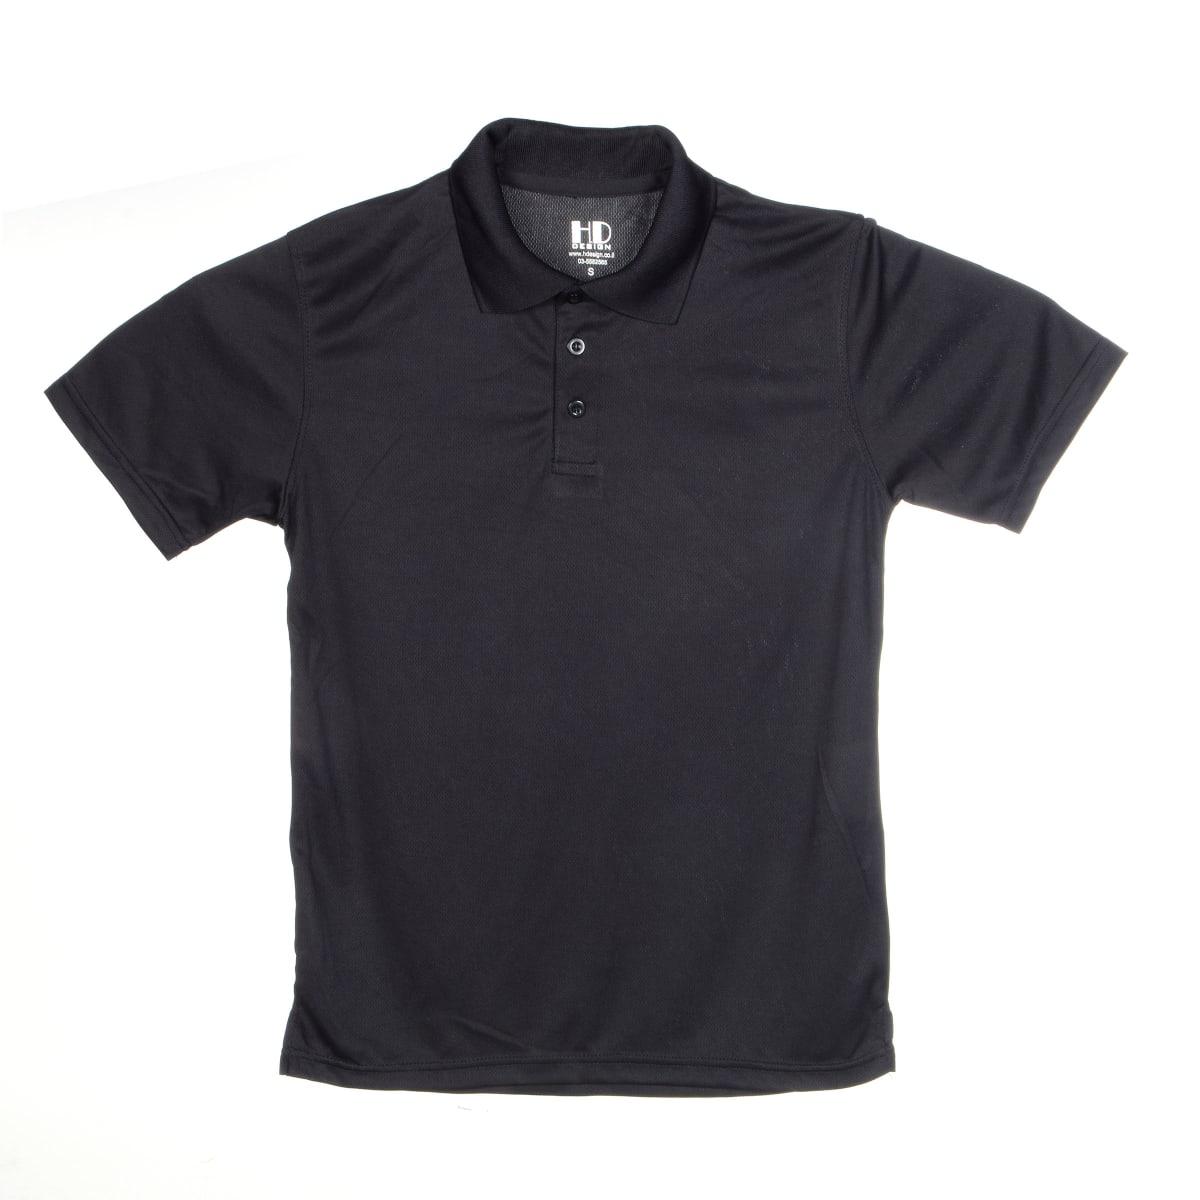 חולצת פולו   חולצות פולו דרייפיט   חולצת פולו בצבע שחור